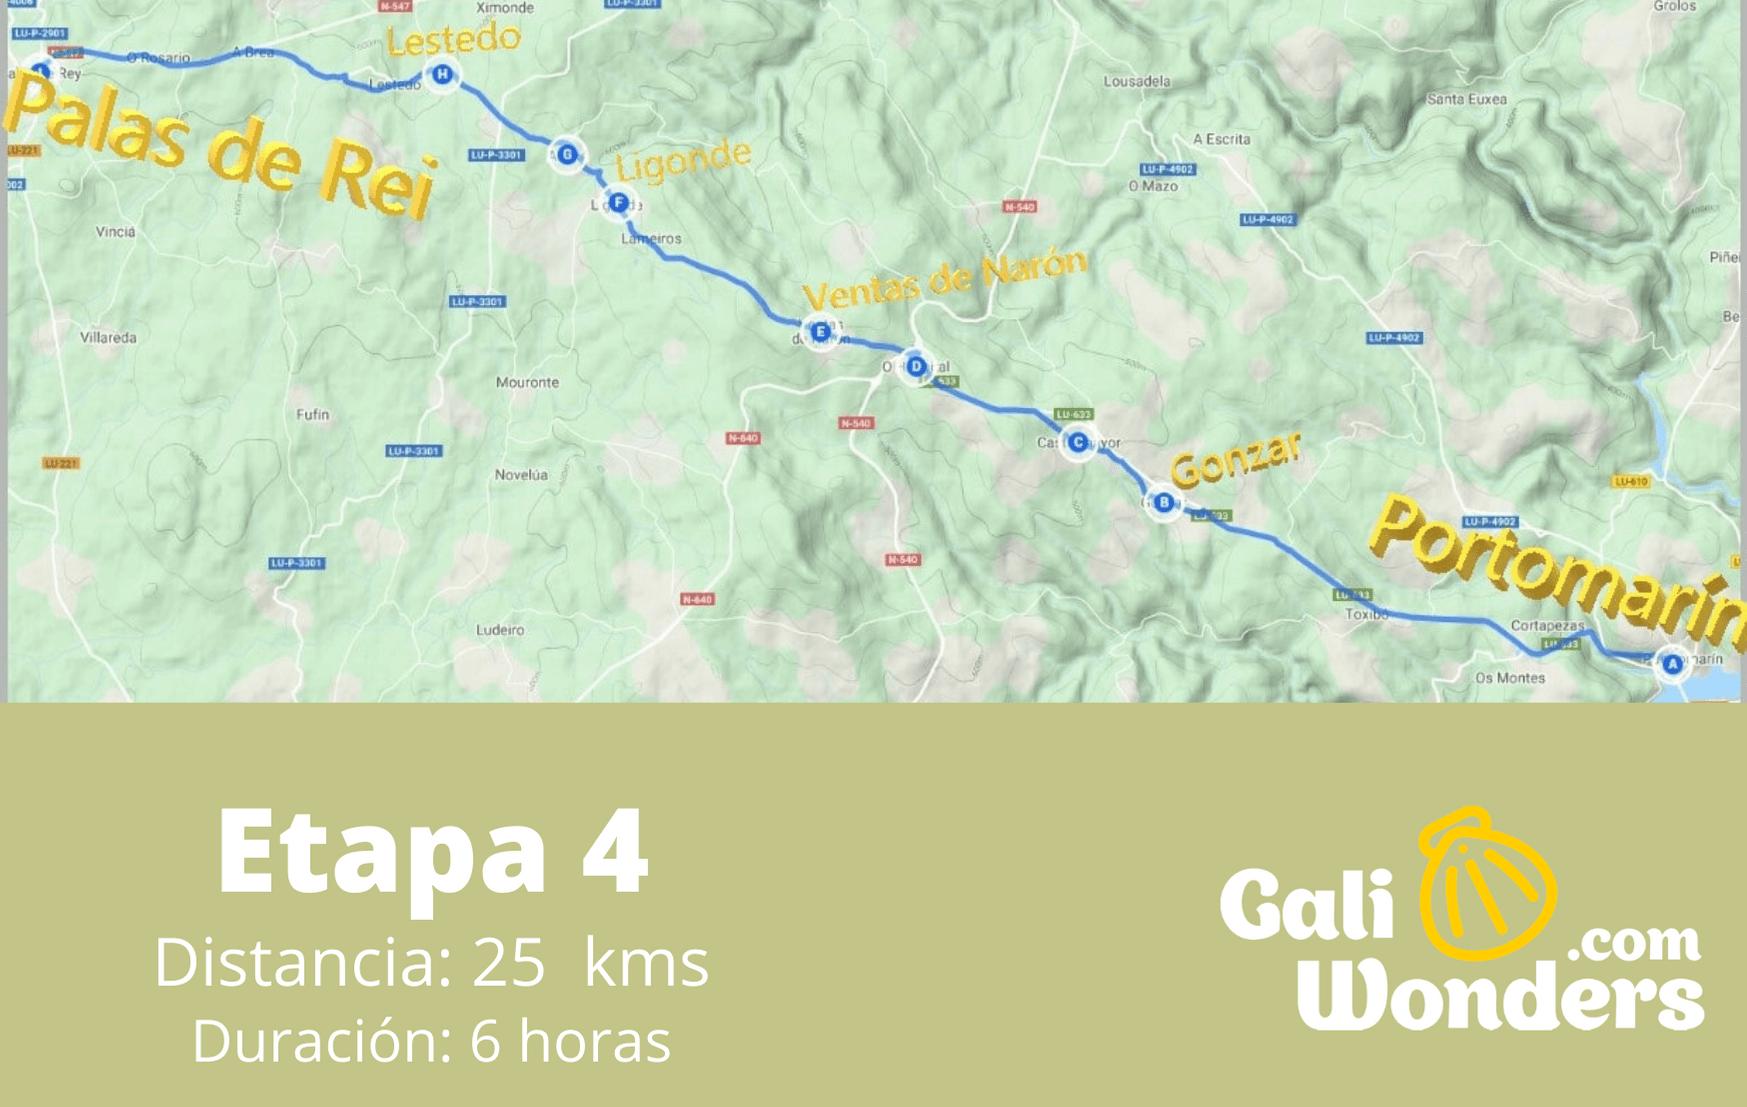 Etapa 4 Portomarin Palas de Rei Mapa 1